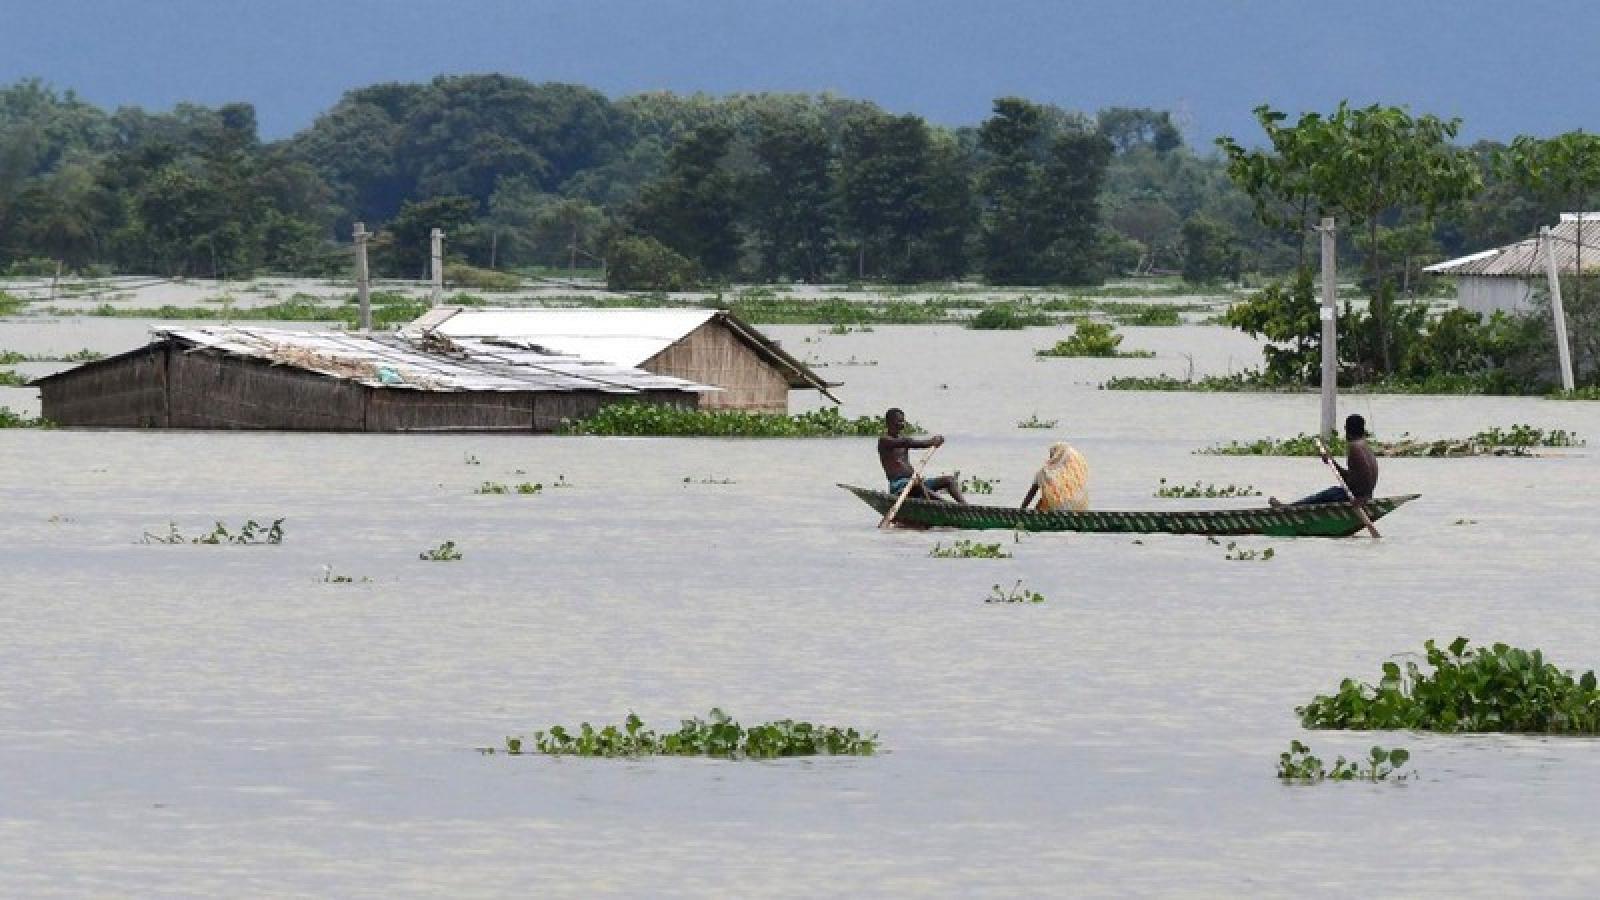 Lũ lụt ở Ấn Độ làm 110 người thiệt mạng, 5,4 triệu người bị ảnh hưởng